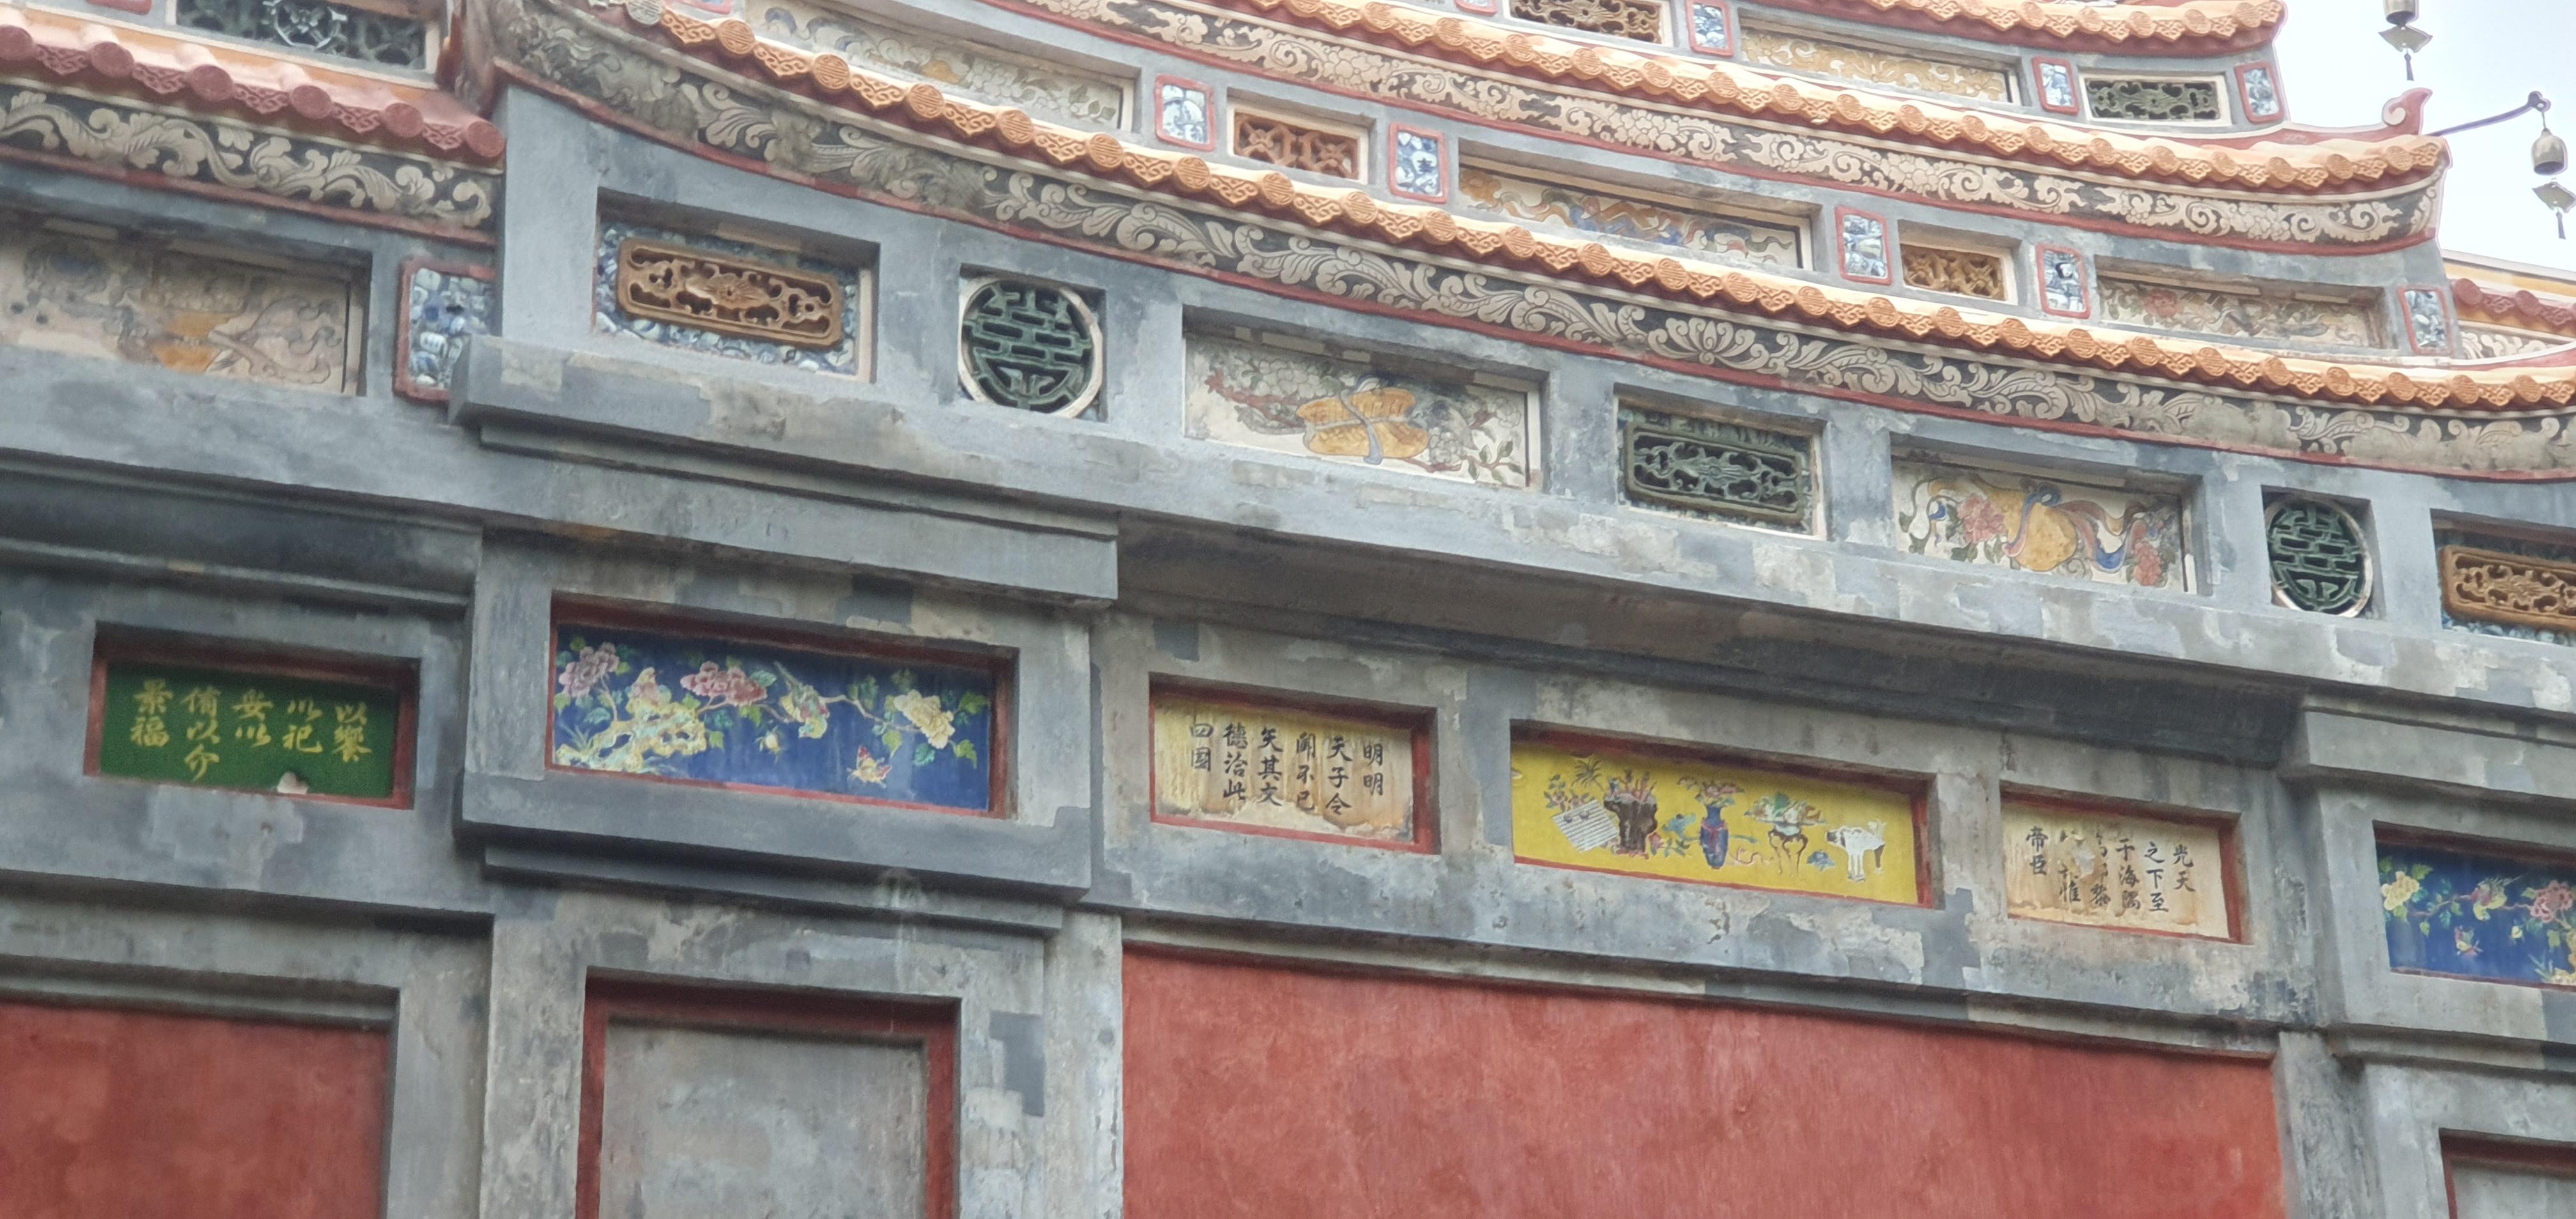 Công trình cổng điện Phụng Tiên, Đại Nội Huế vừa được trùng tu.